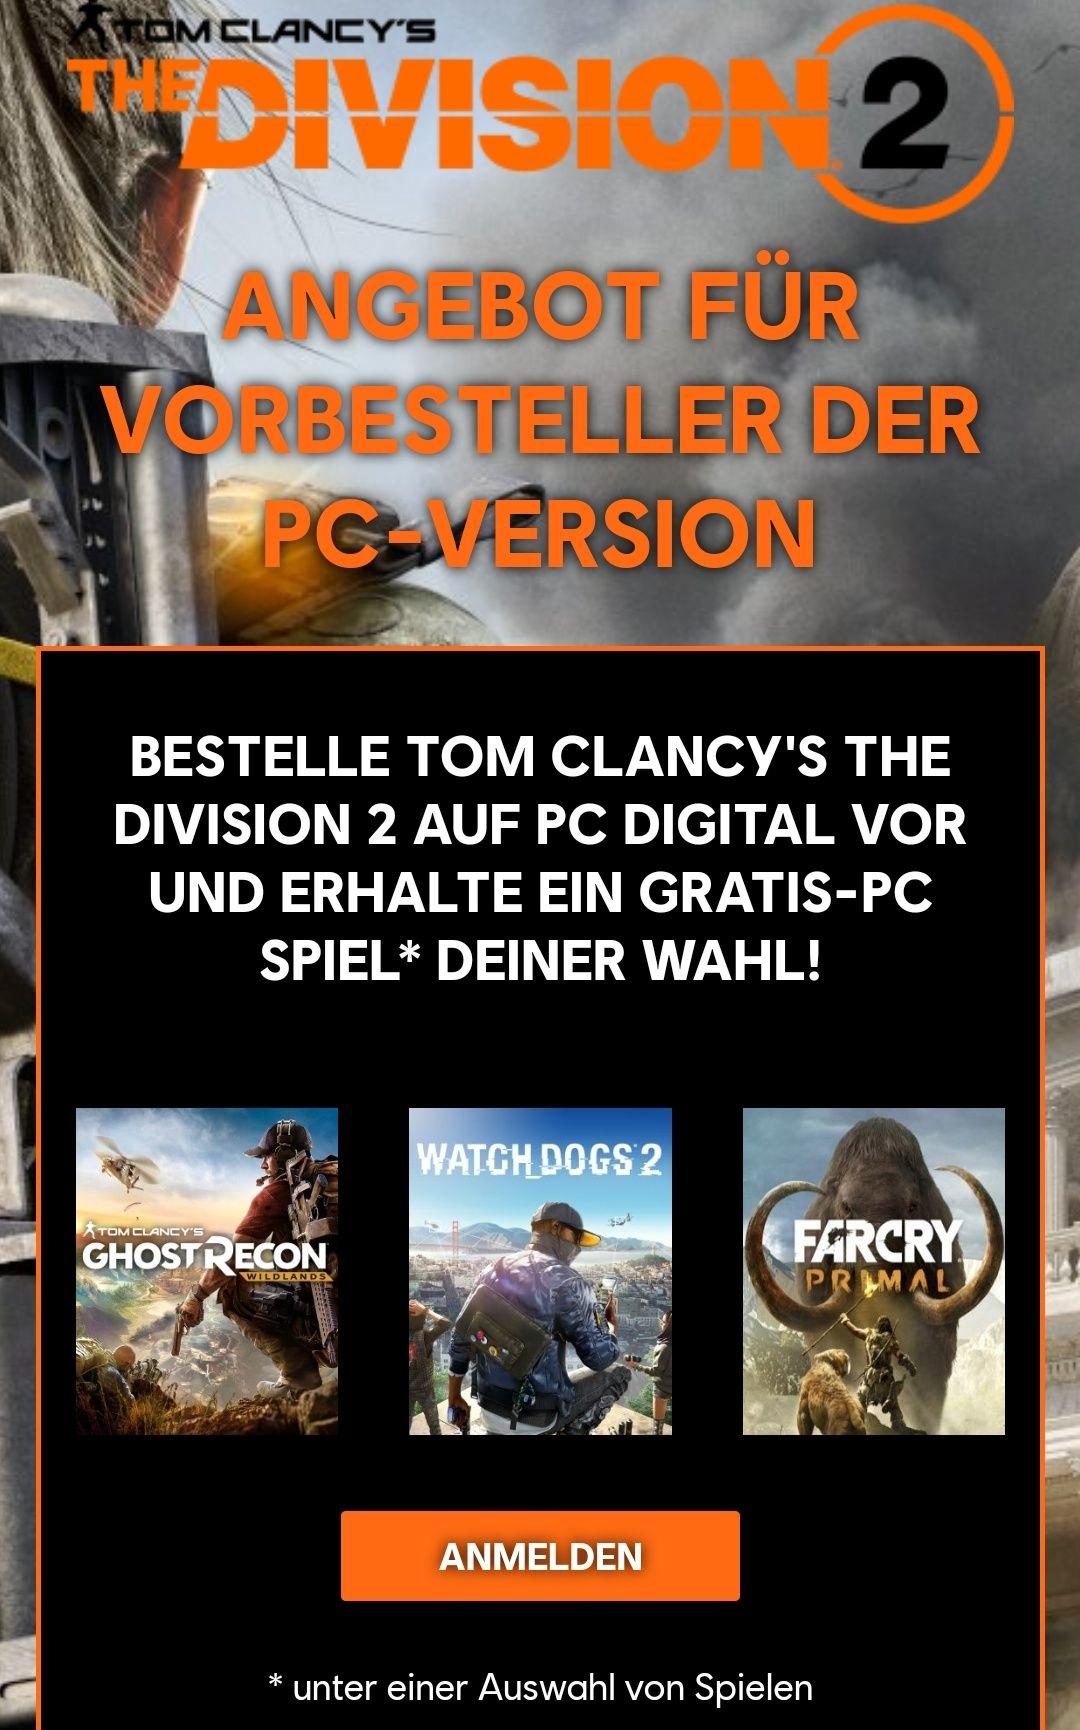 The Division 2: PC-Vorbesteller erhalten ein Spiel als Geschenk